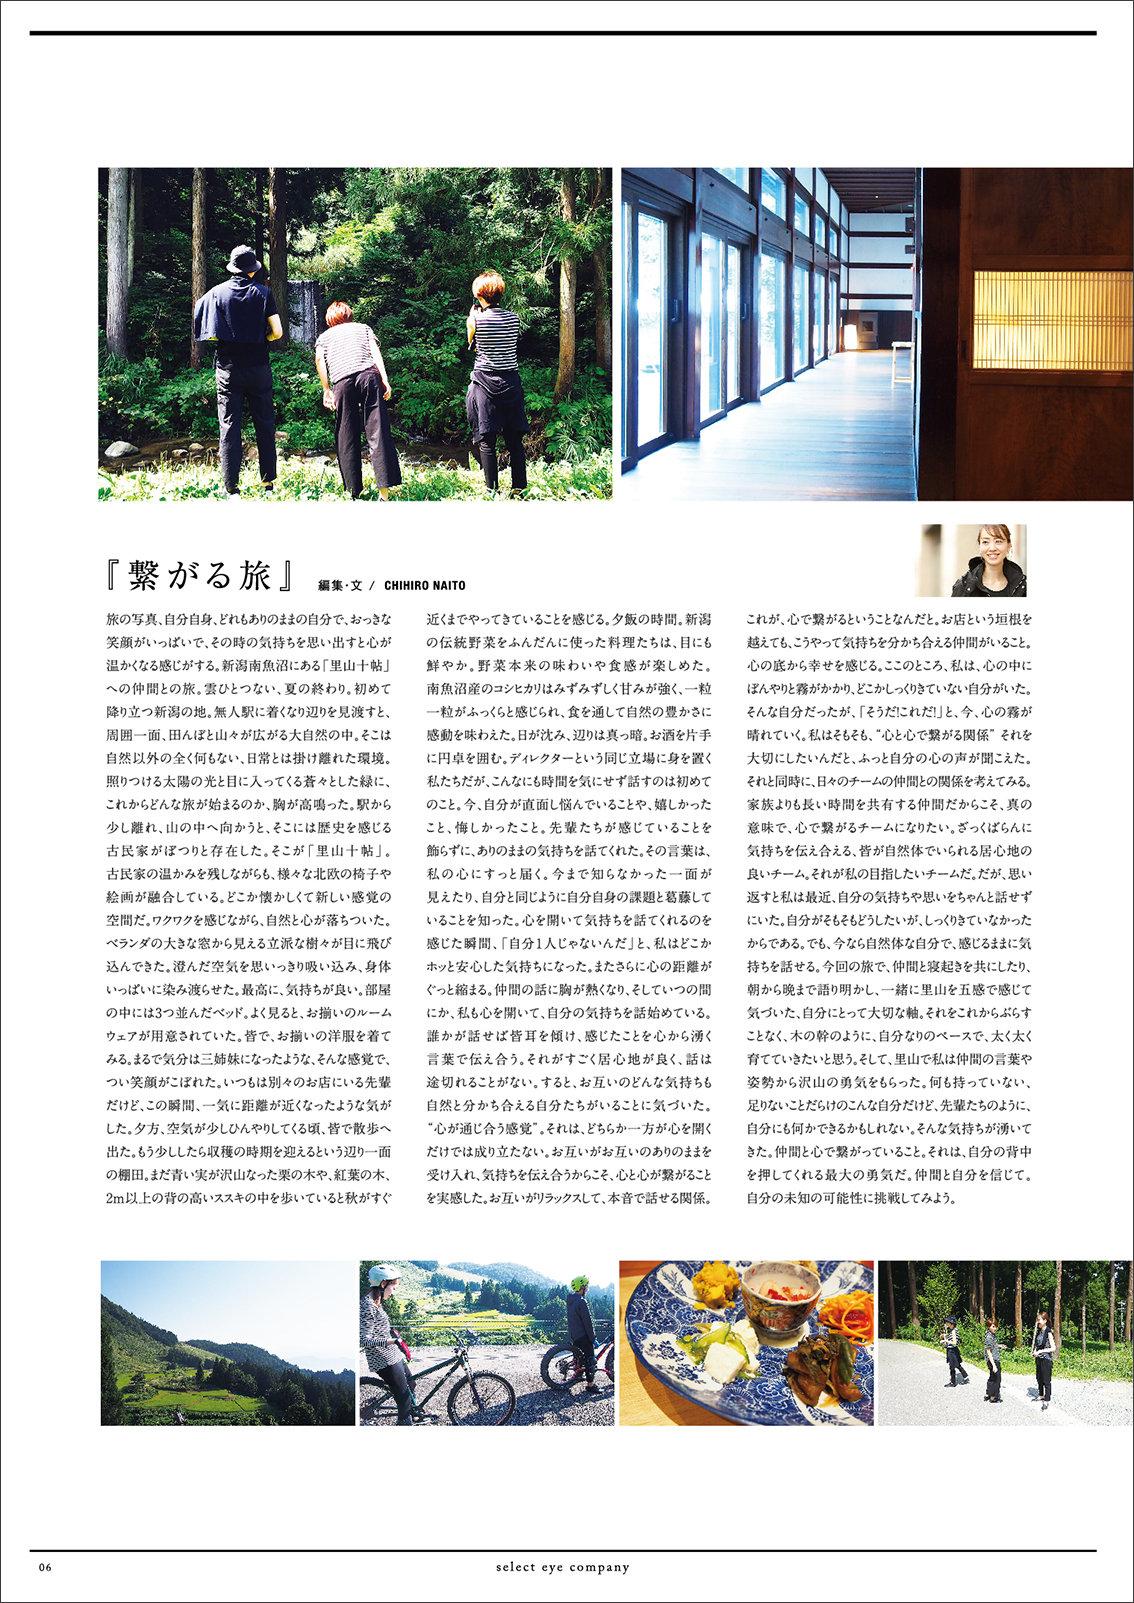 http://www.selecteye.co.jp/tabroid/photo/vol13_P06.jpg